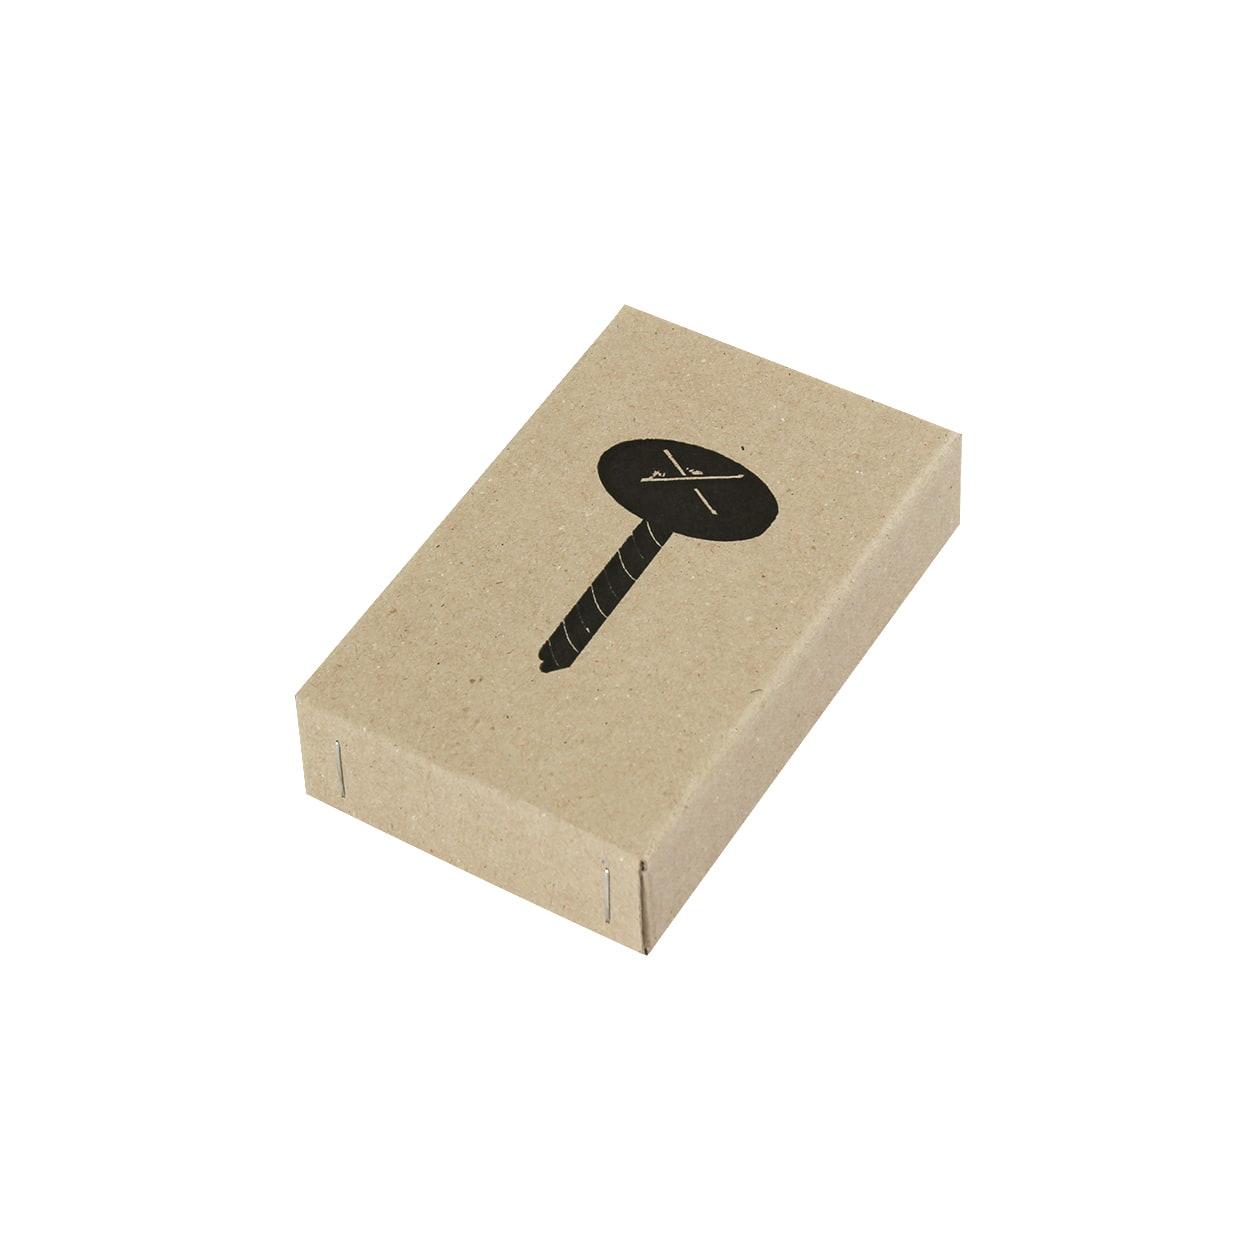 サンプル 箱(ホッチキスどめ) 00055